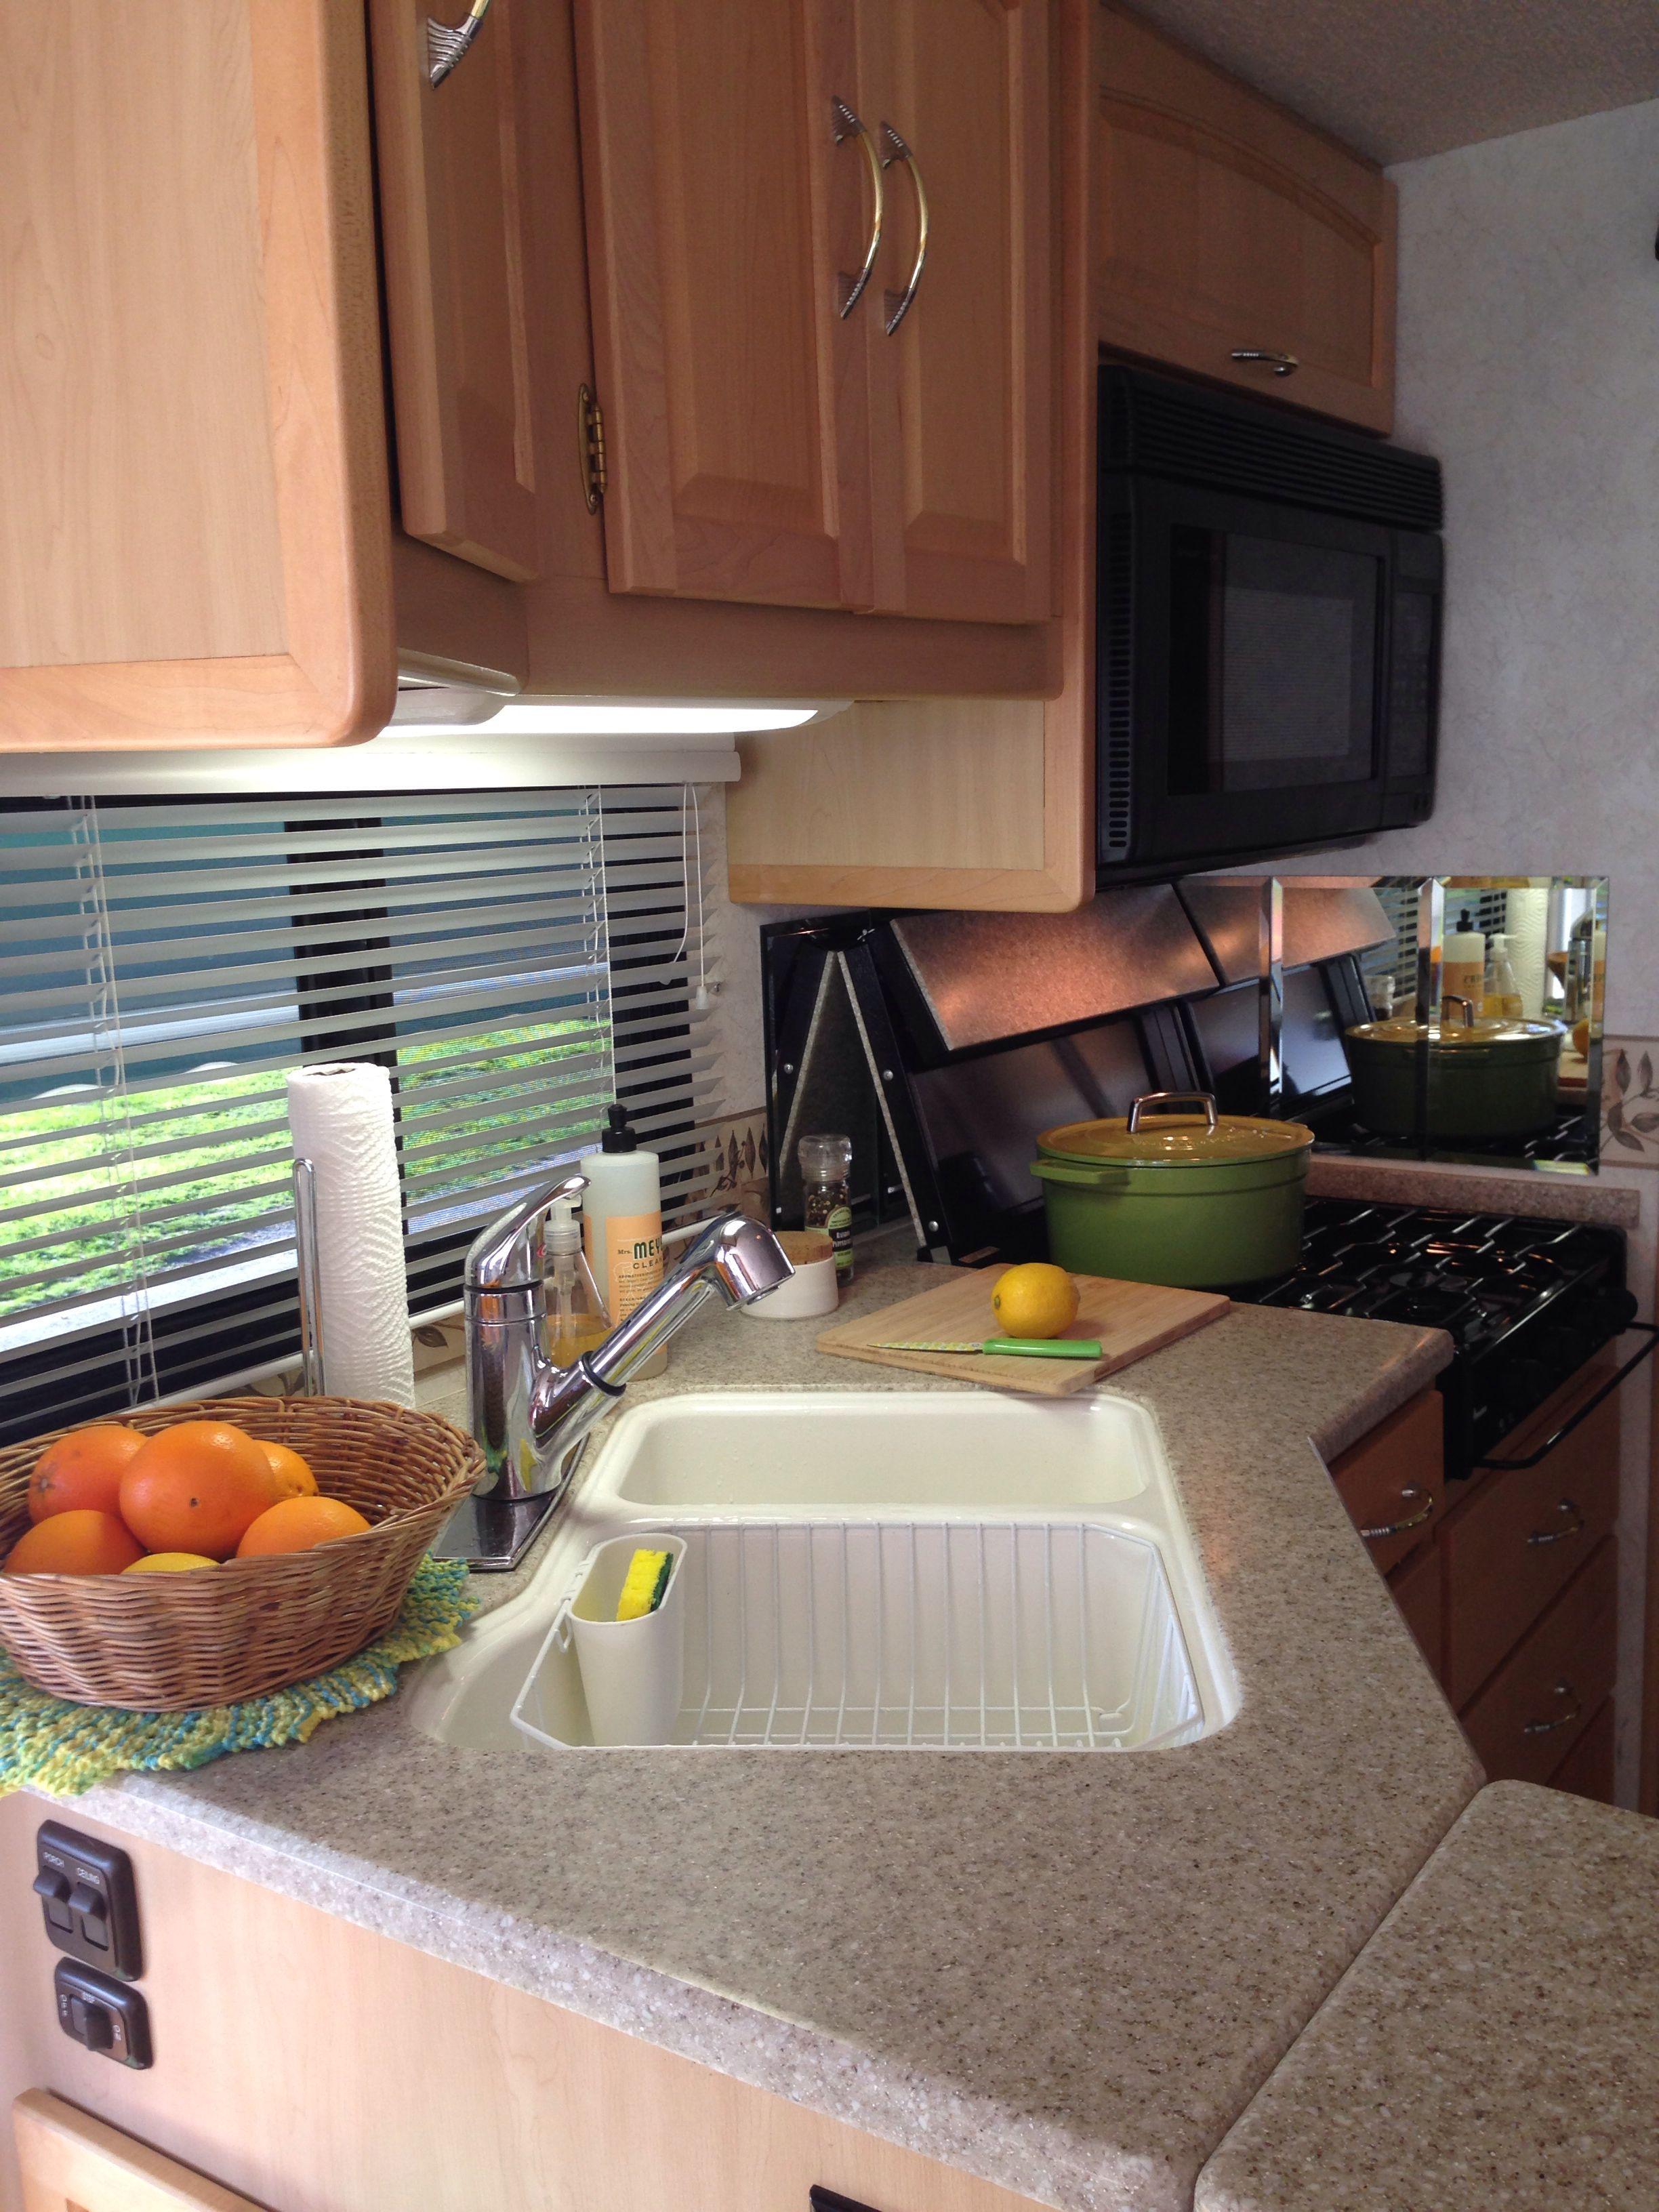 Our little RV kitchen